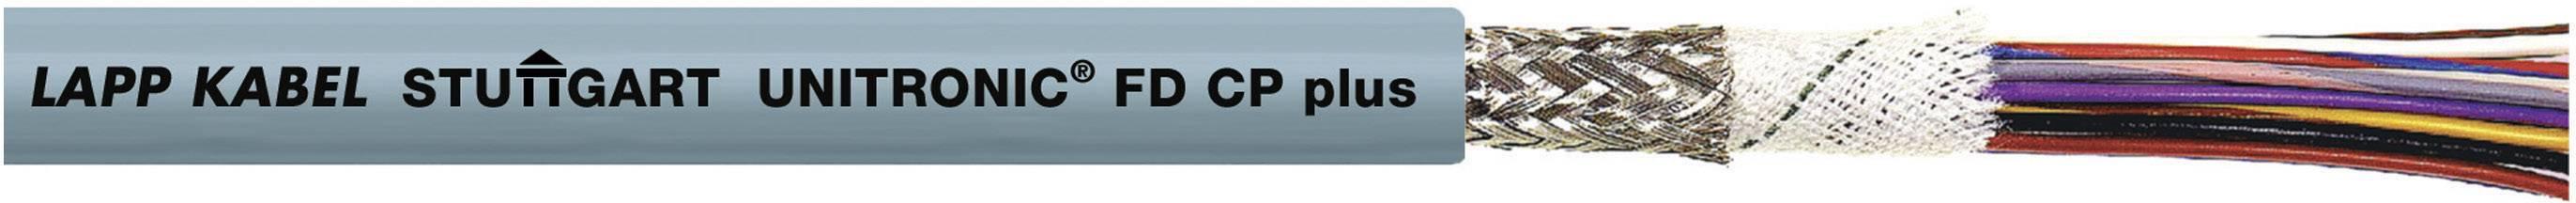 Datový kabel LappKabel UNITRONIC FD CP PLUS 4X0,25 (0028891), 4x 0,25 mm², Ø 5,5 mm, stíněný, 100 m, šedá